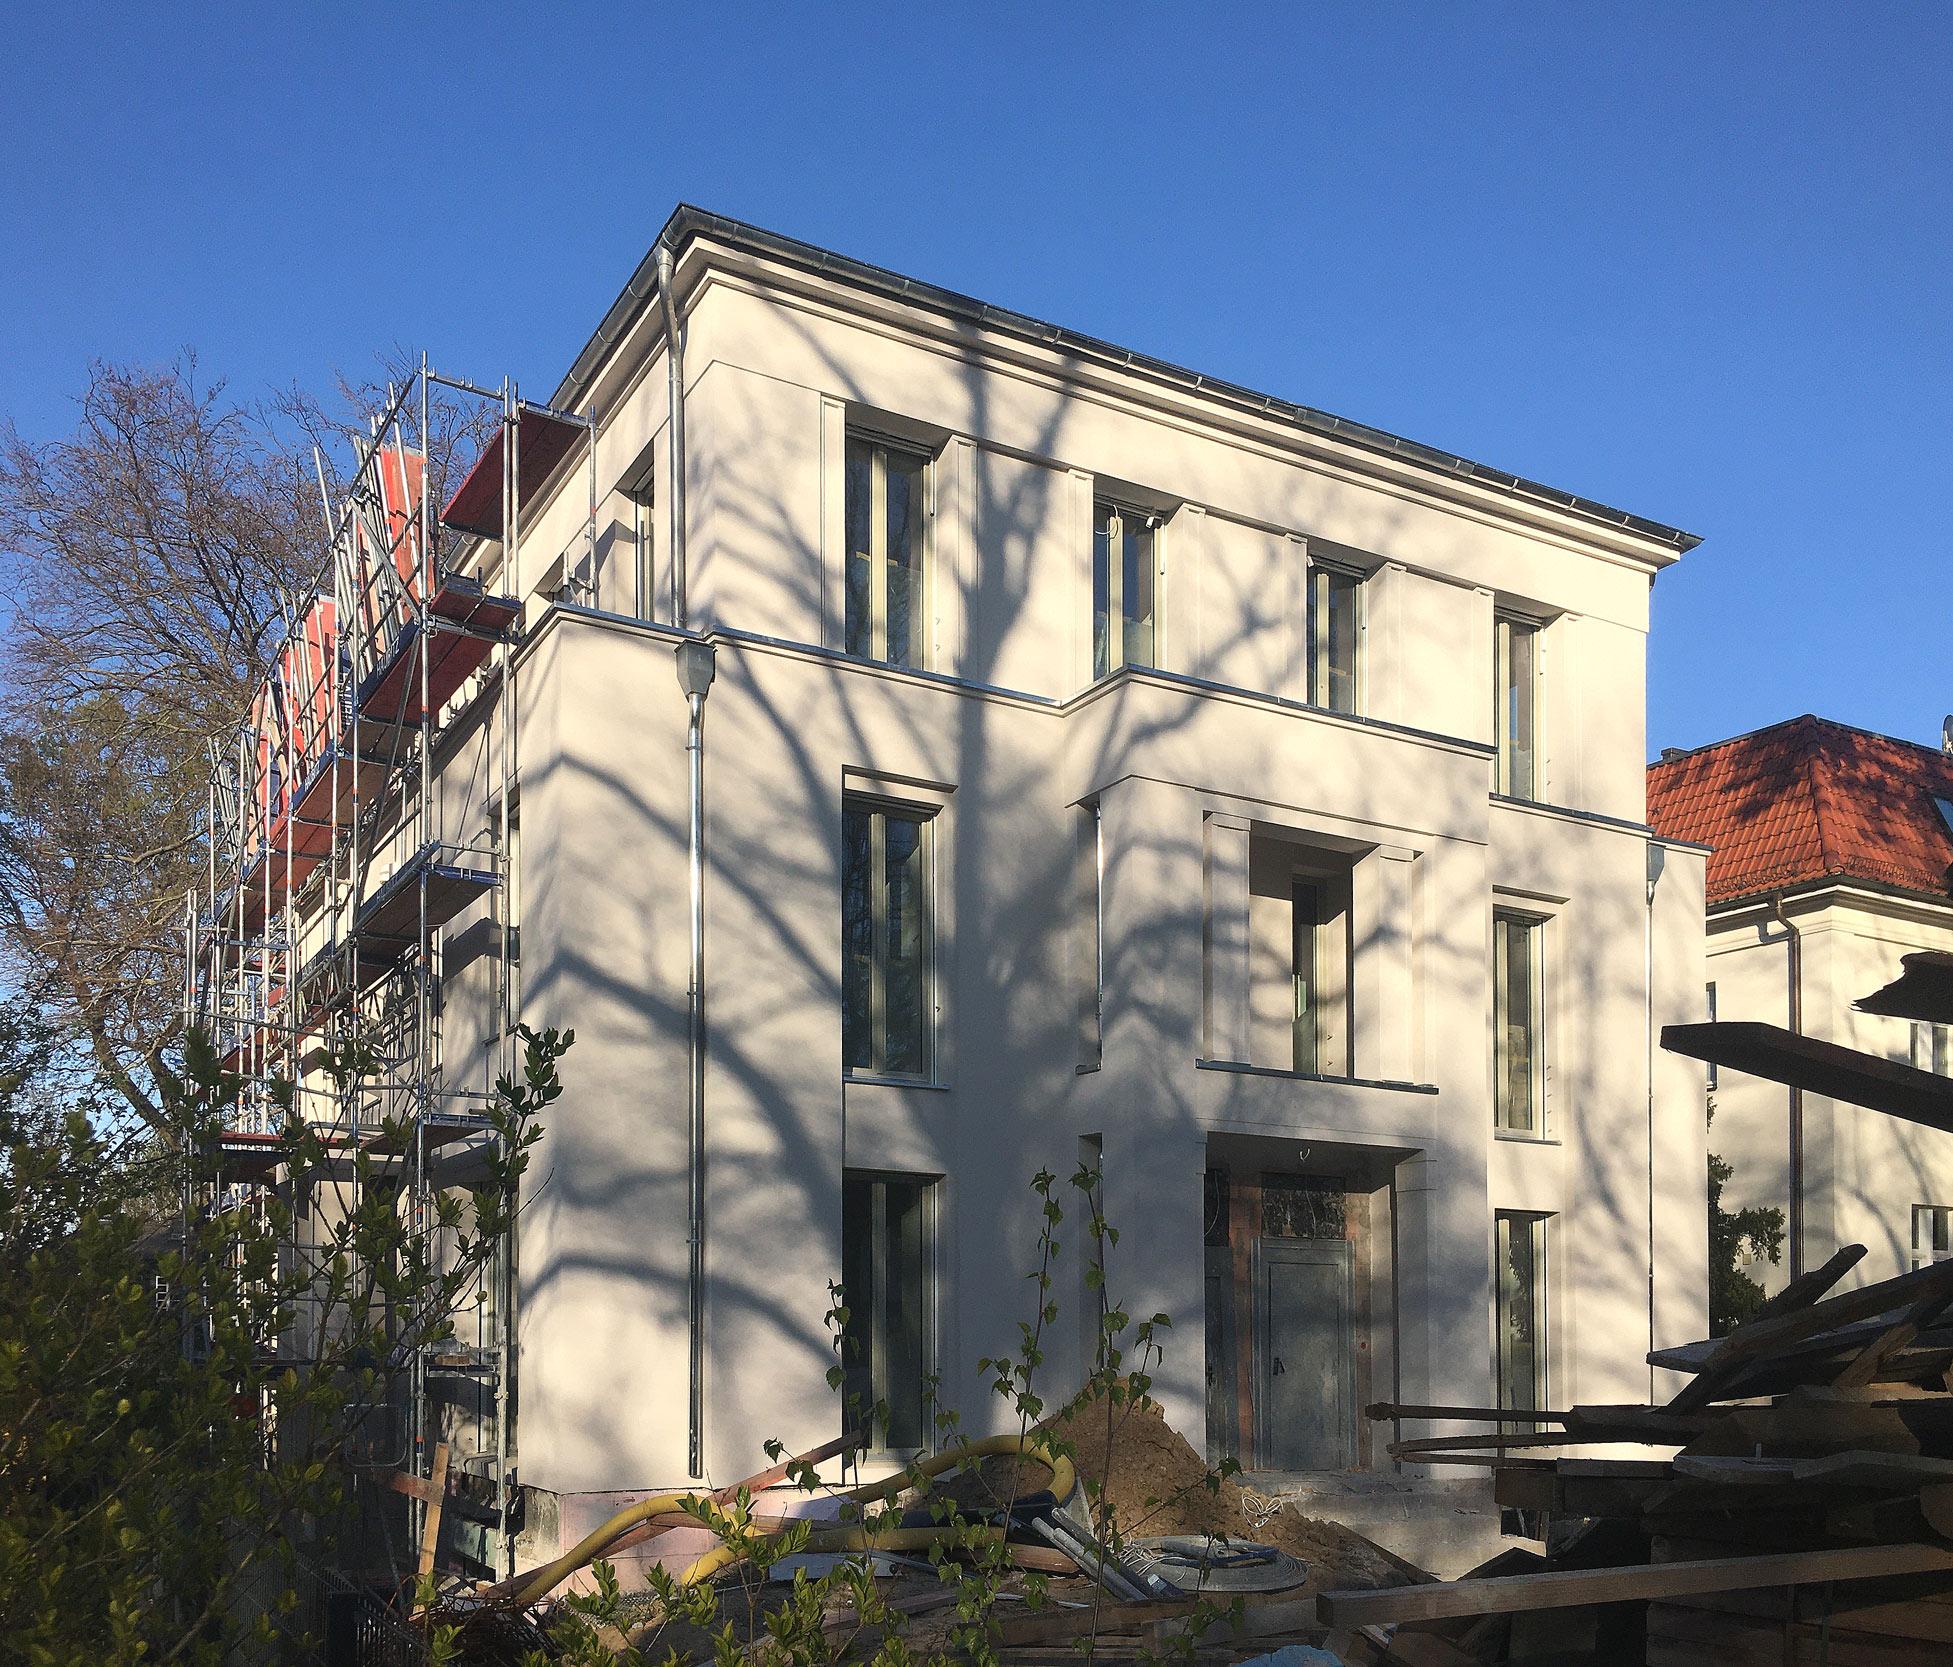 Hier entstehen Maisonette-Wohnungen in einer Toplage in Berlin-Dahlem.